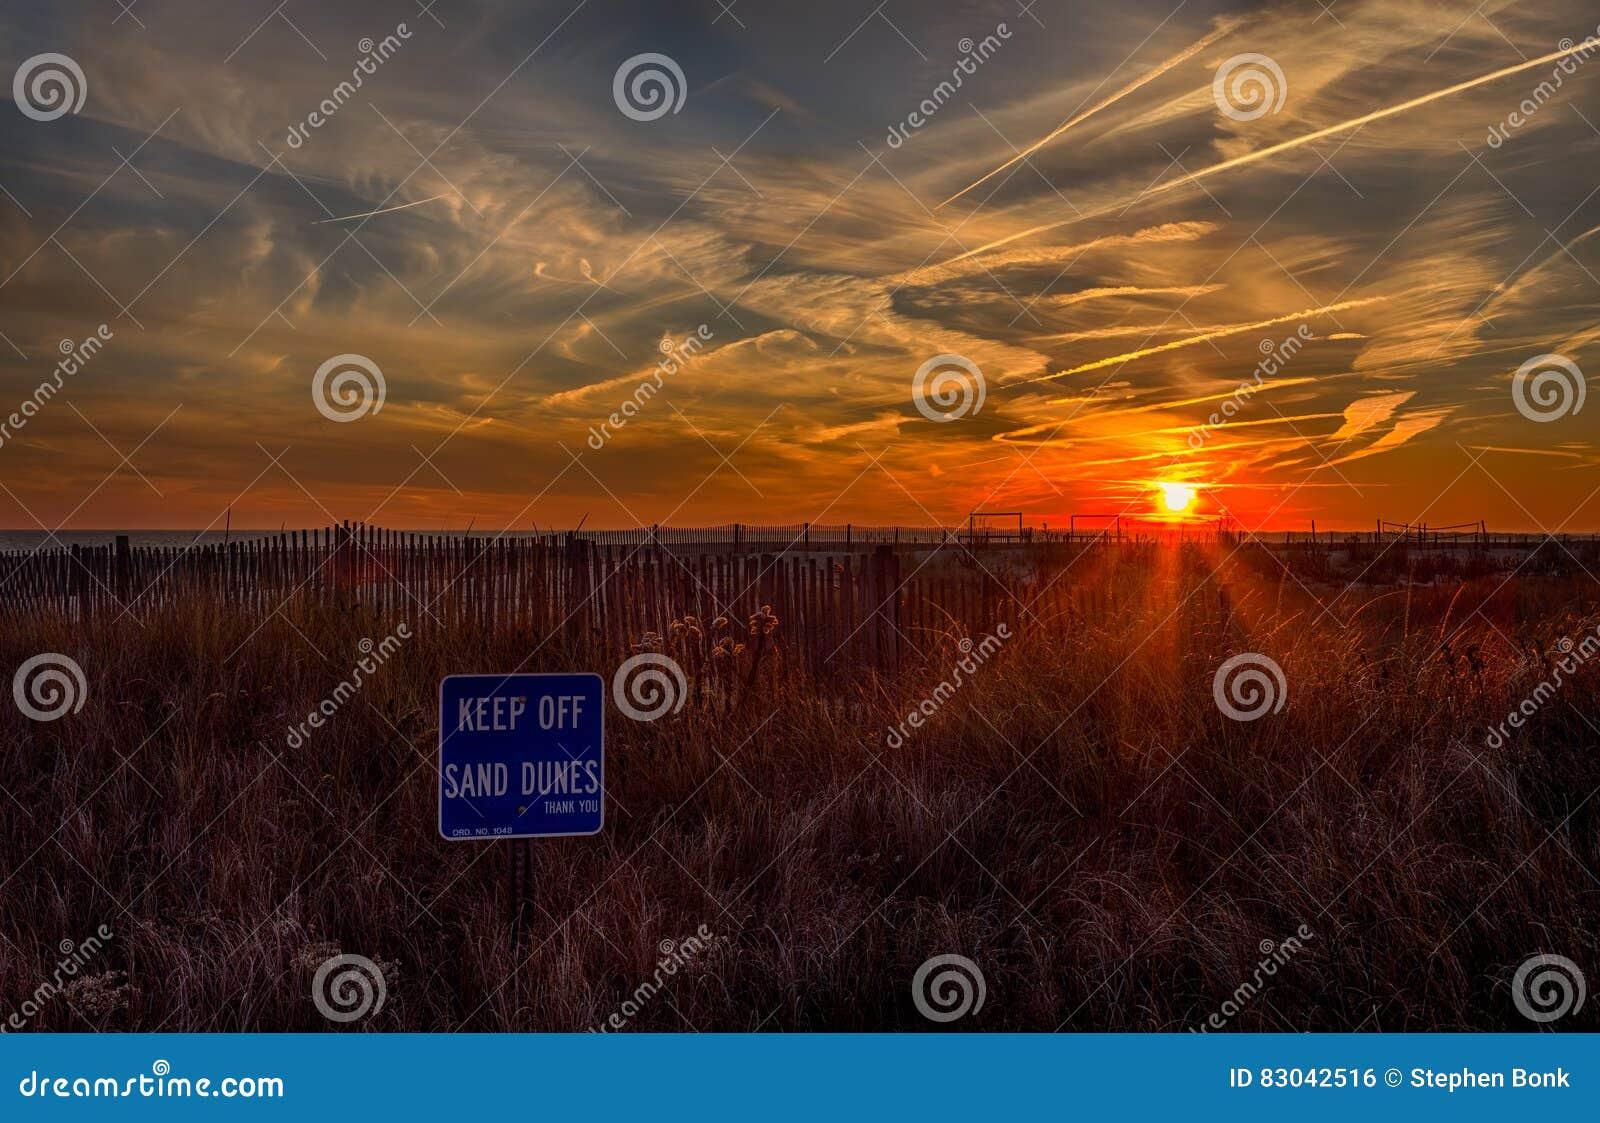 Ωκεάνιο ηλιοβασίλεμα στο ακρωτήριο Μάιος, Νιου Τζέρσεϋ στην ακτή